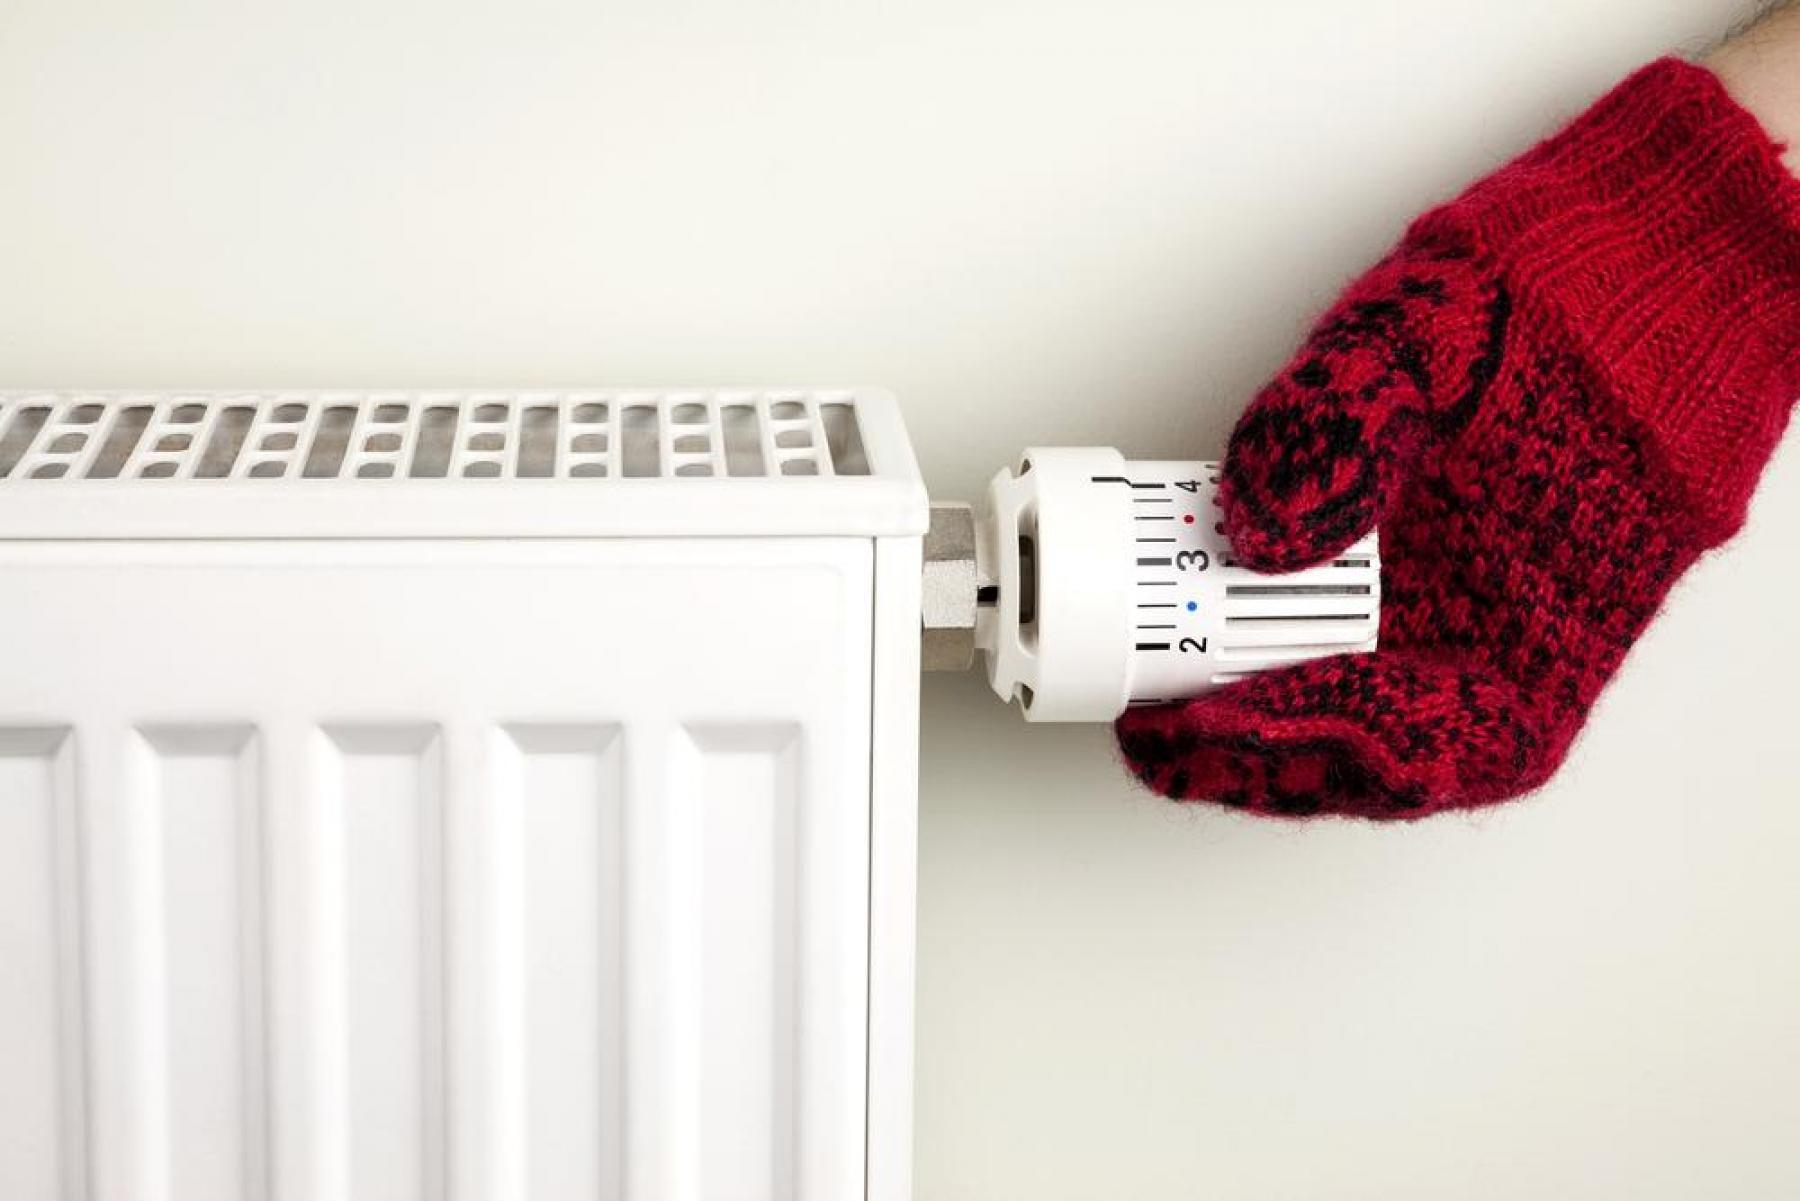 winter-heating-bill.jpg